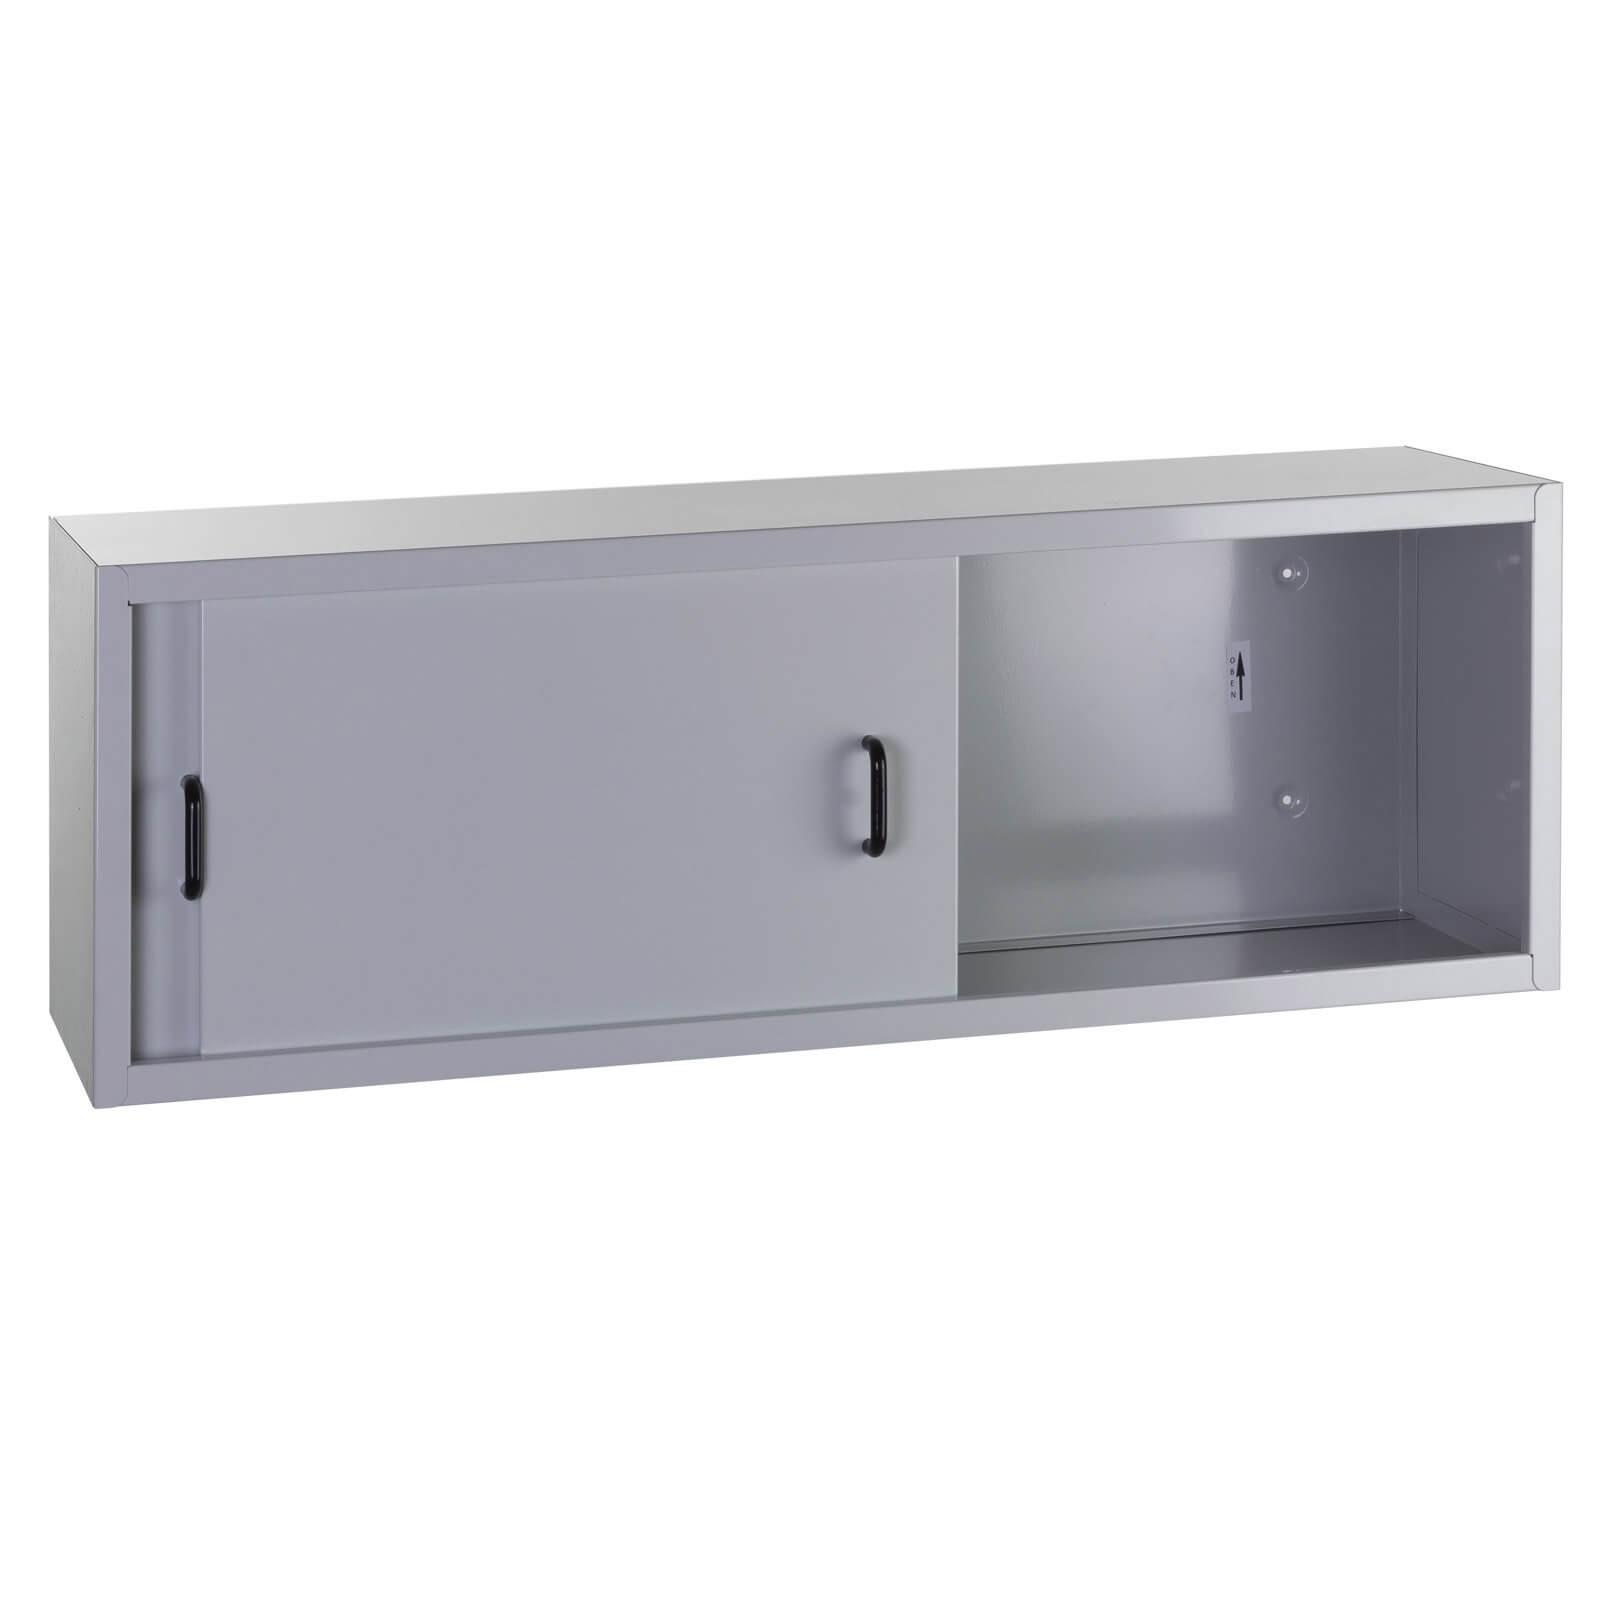 h ngeschrank wandschrank werkstattschrank metallschrank 2 schiebet ren hellgrau ebay. Black Bedroom Furniture Sets. Home Design Ideas